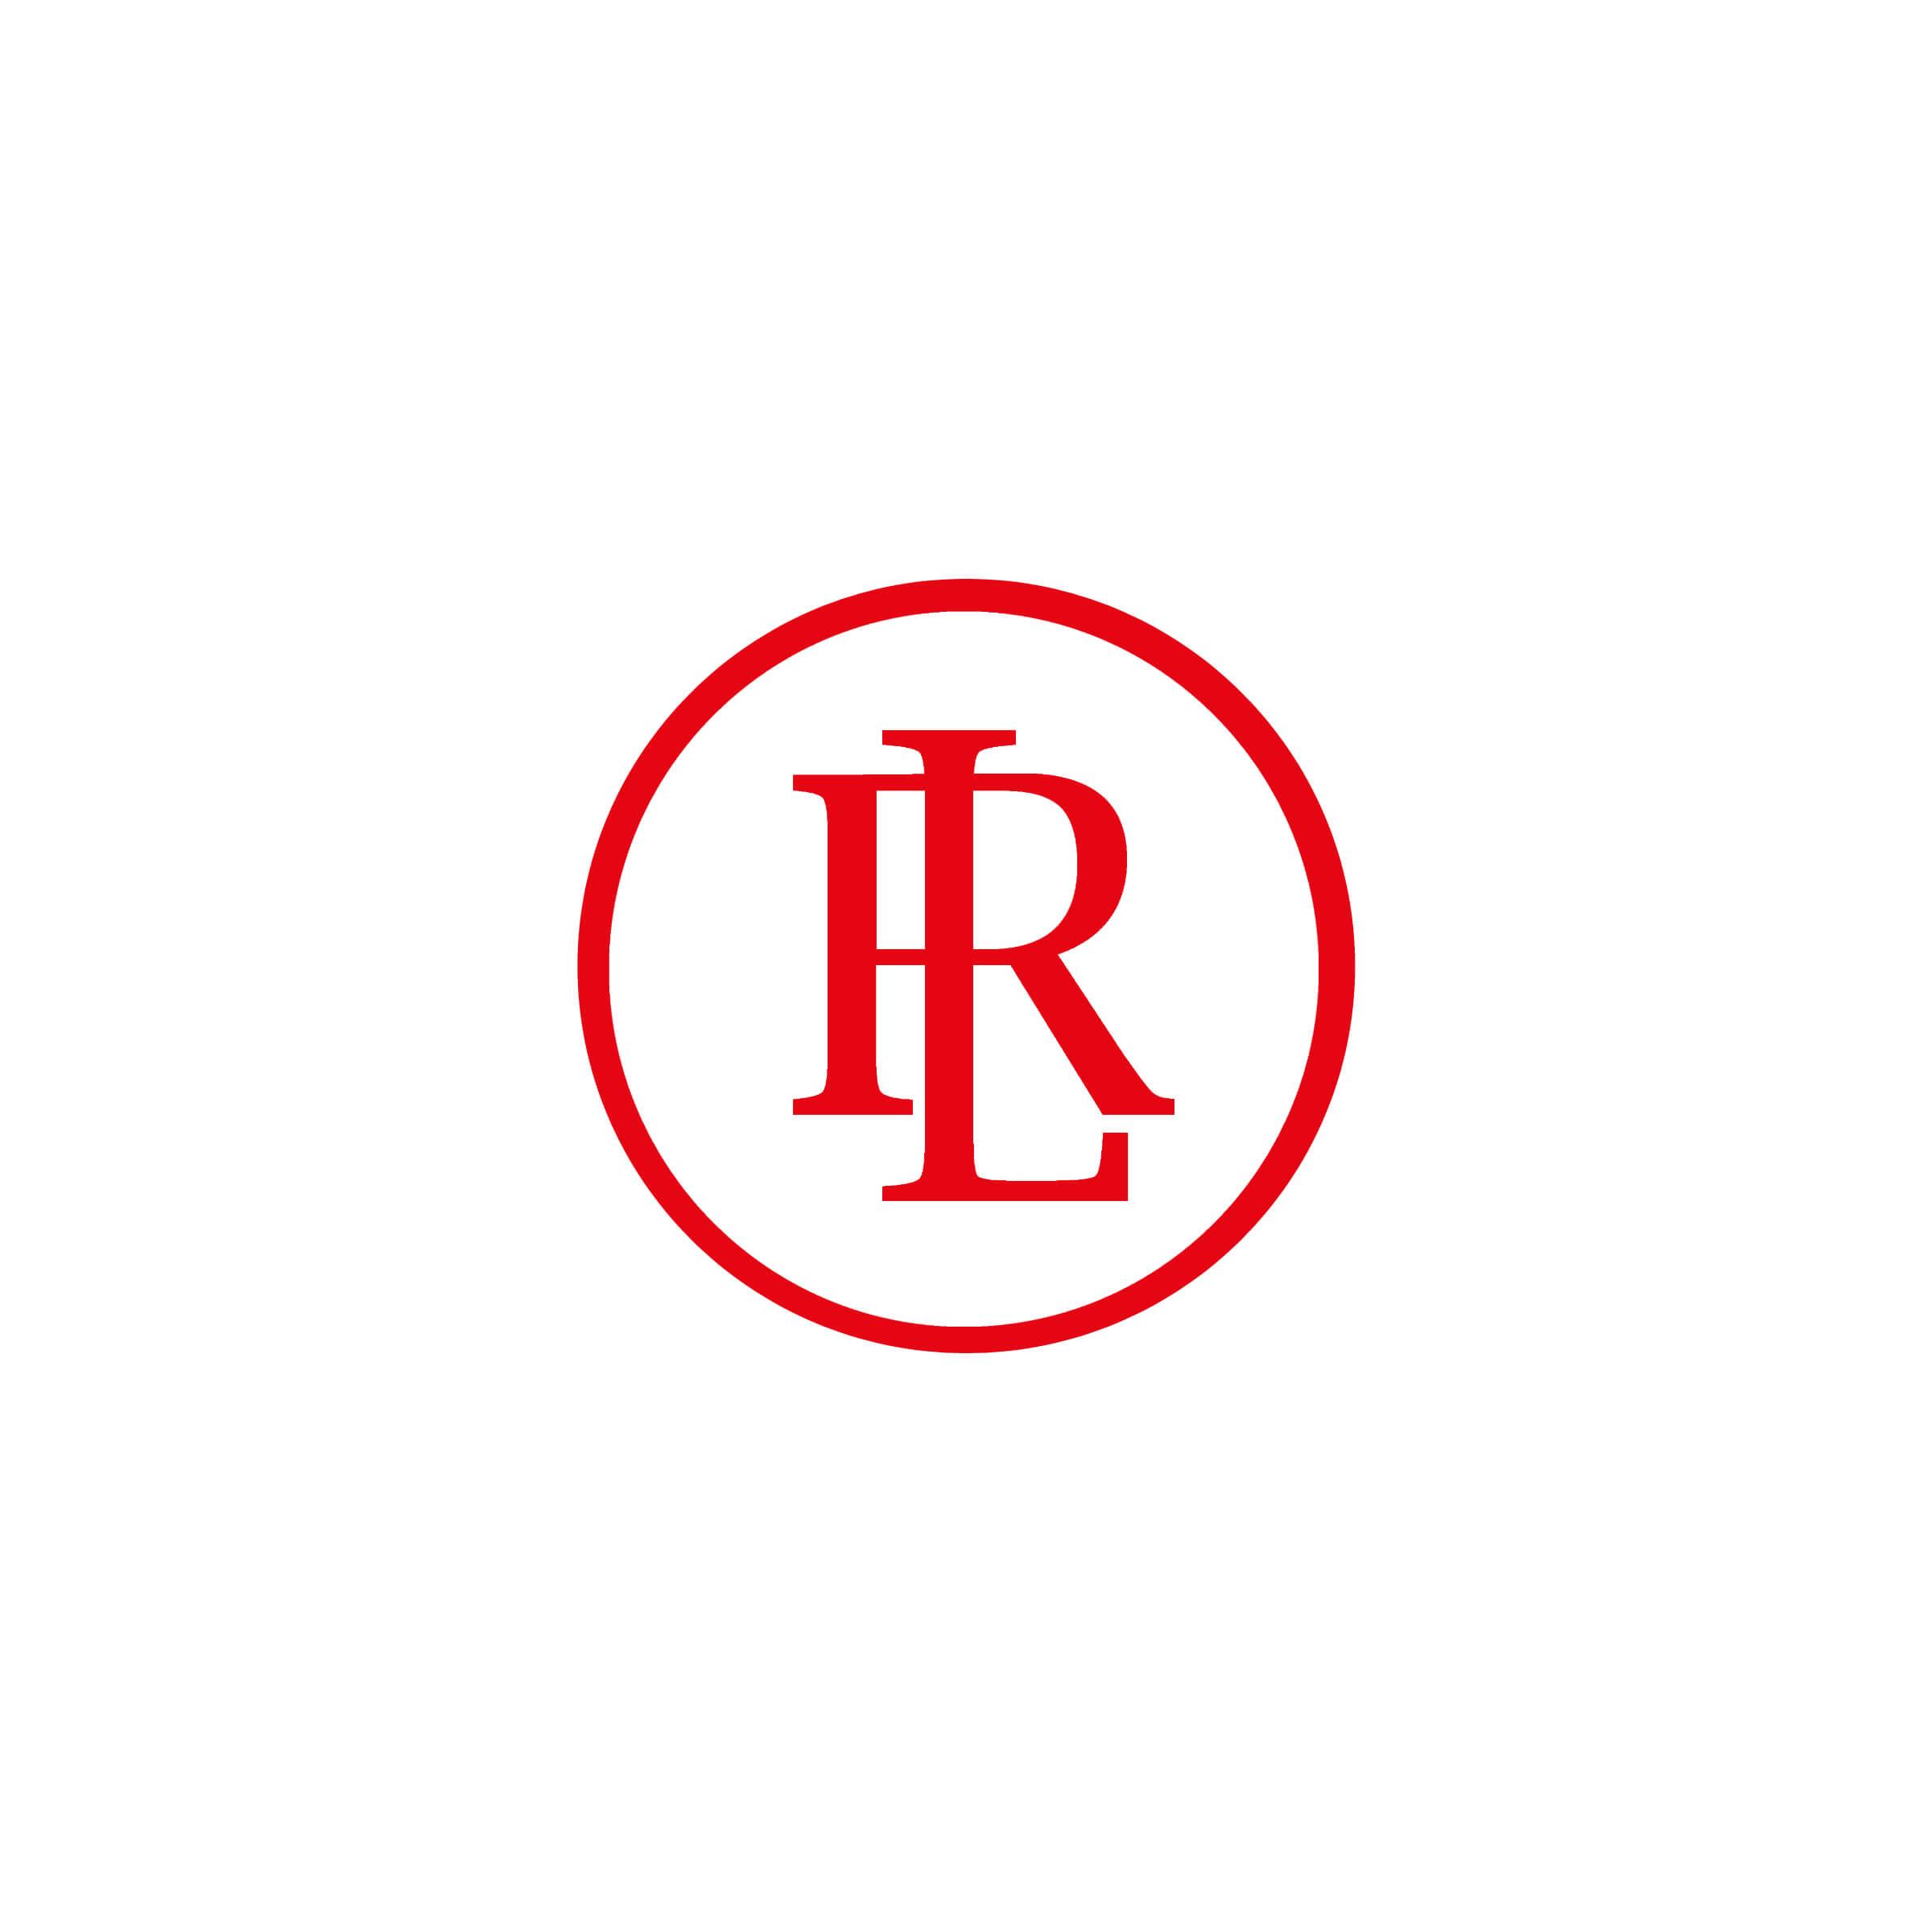 C1 / 107 / Aygo (1.0i) distributiekettingset compleet